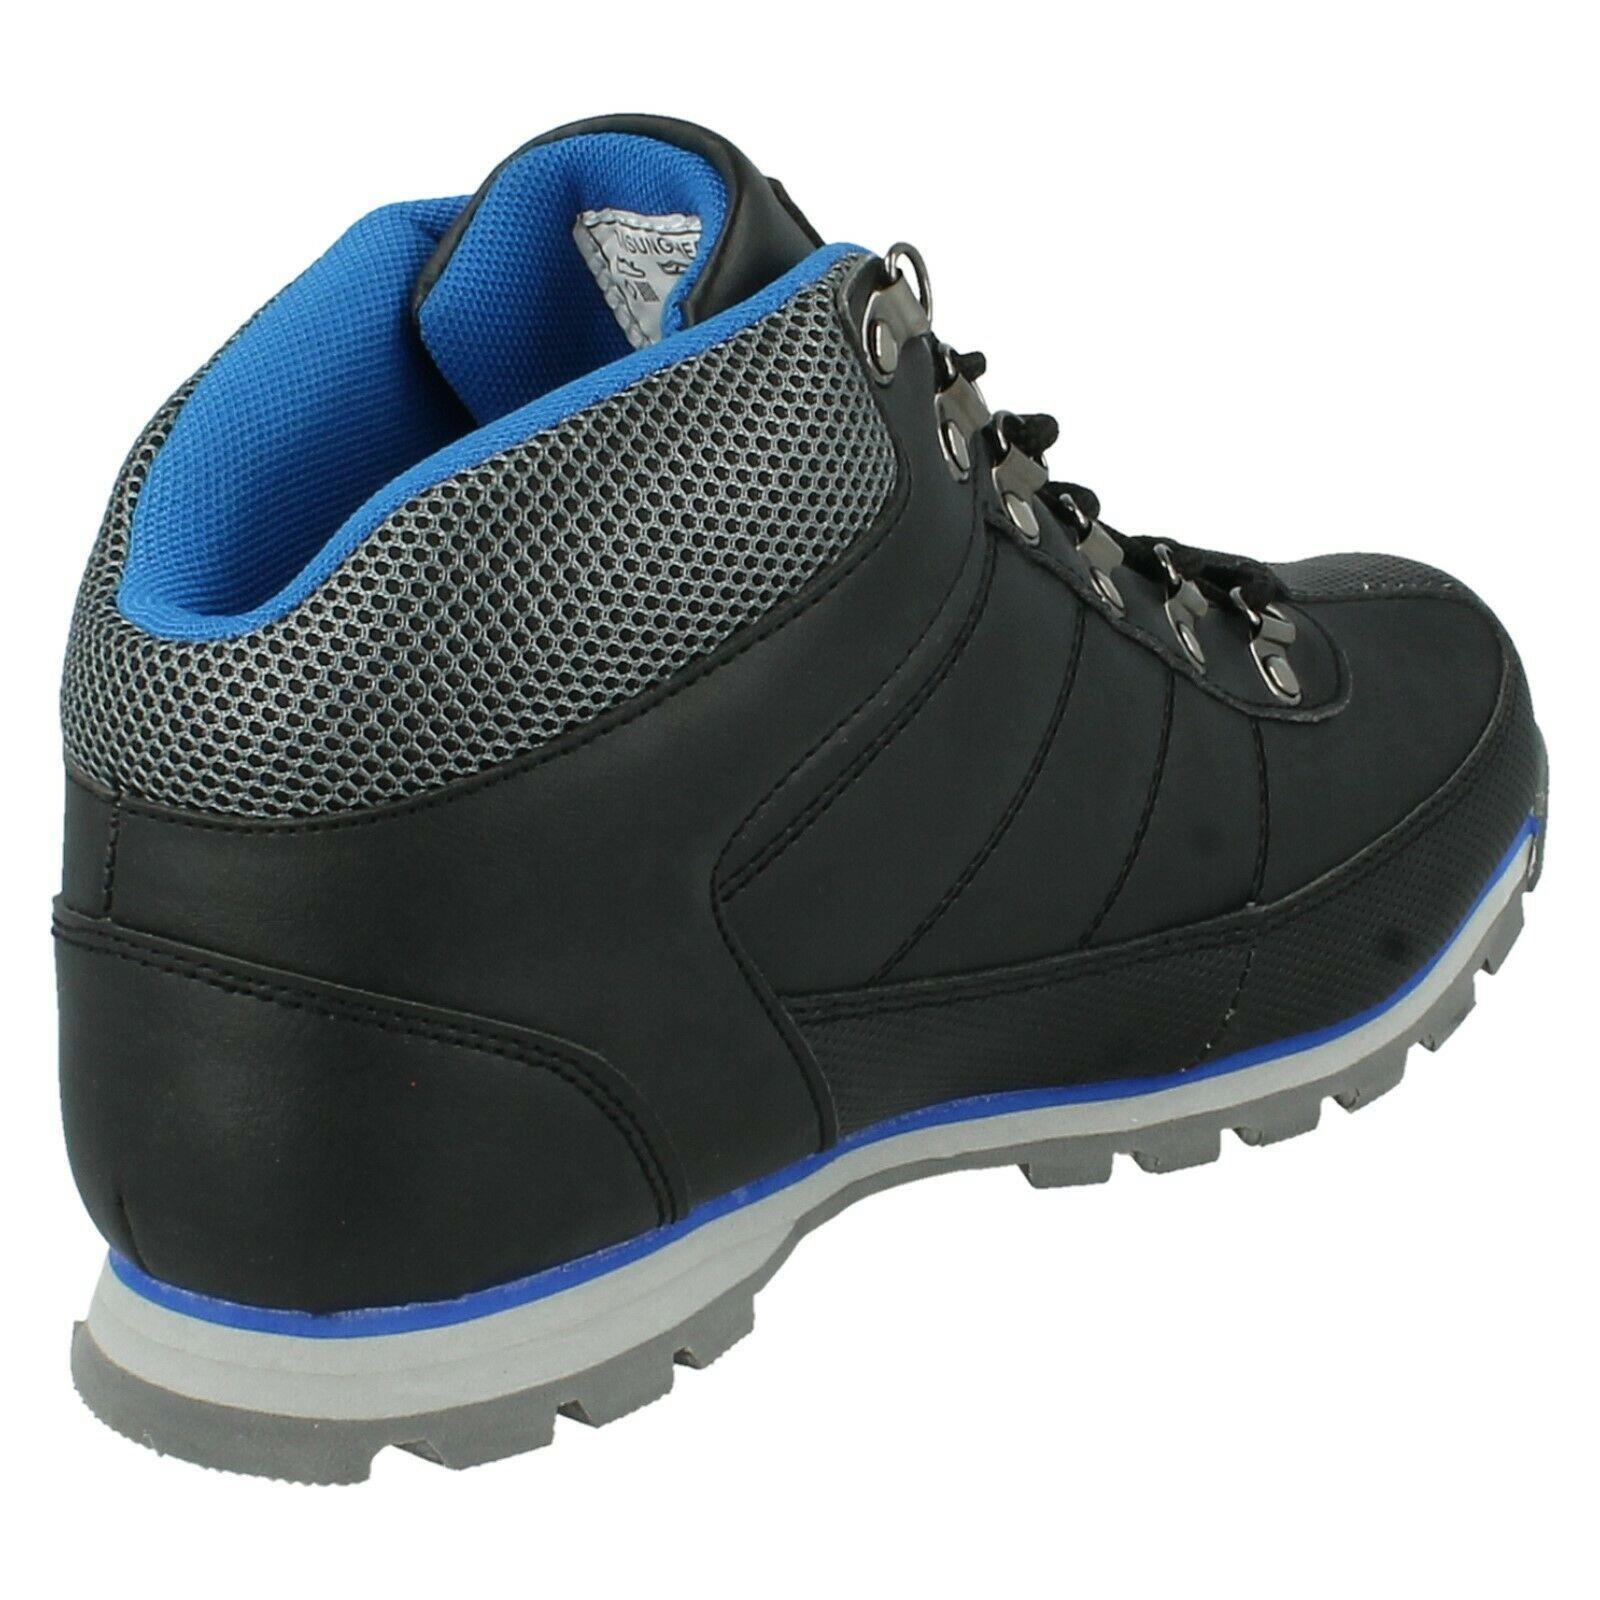 Henleys-unsunghero-Para-hombre-Botas-para-Caminar-Con-Cordones-Zapatos-De-Invierno-Al-Aire-Libre-7 miniatura 19